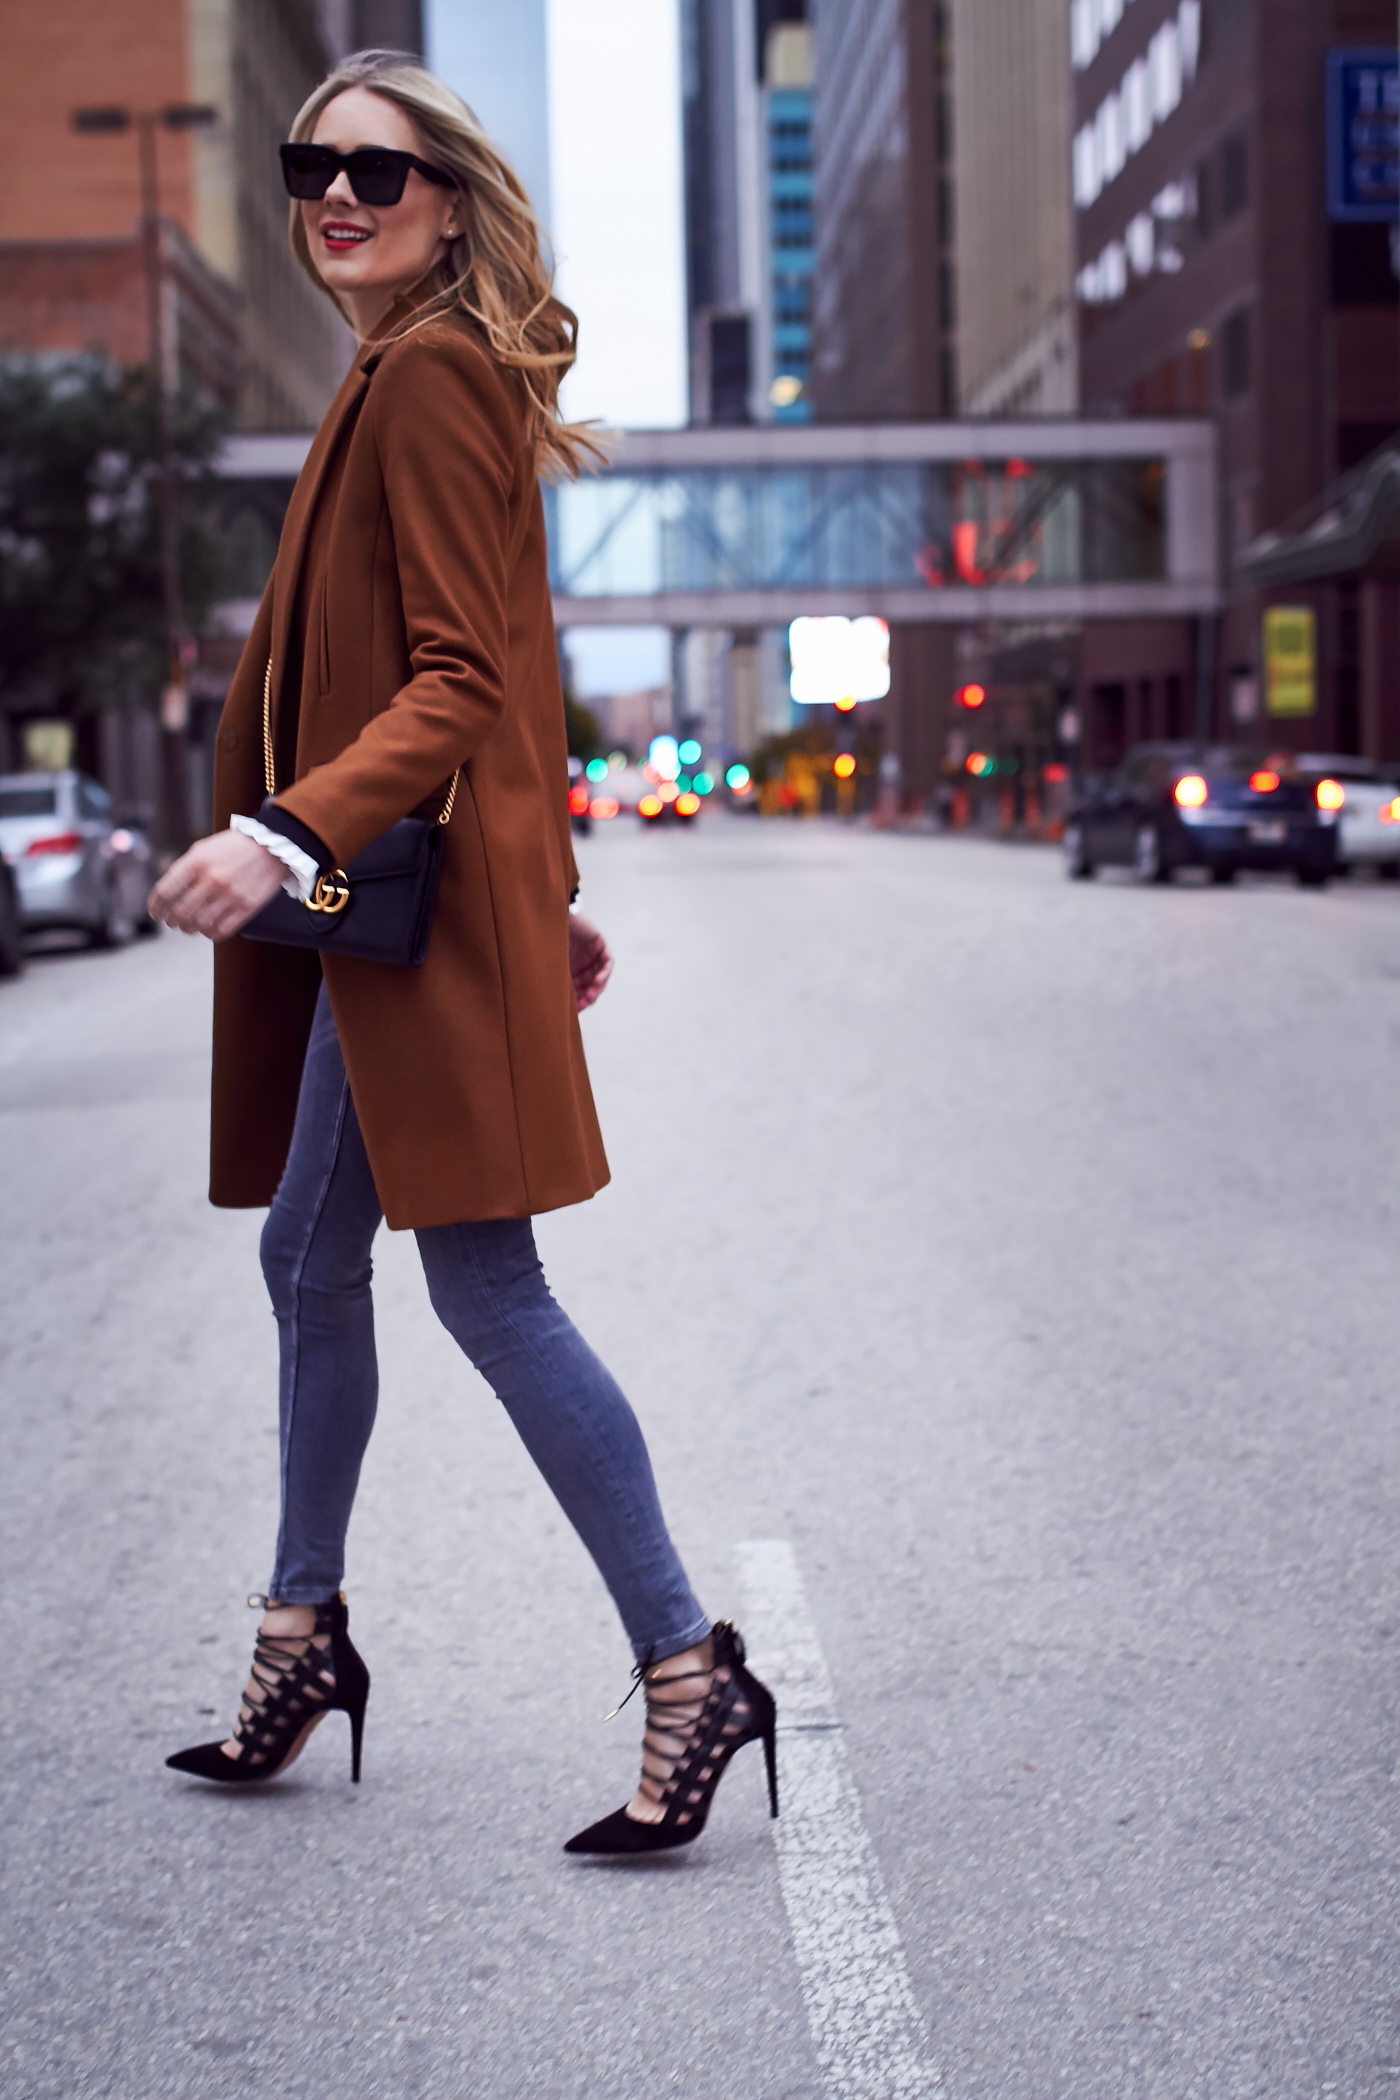 Fall Outfit, Camel Coat, Grey Skinny Jeans, Aquazzura Amazon Pumps